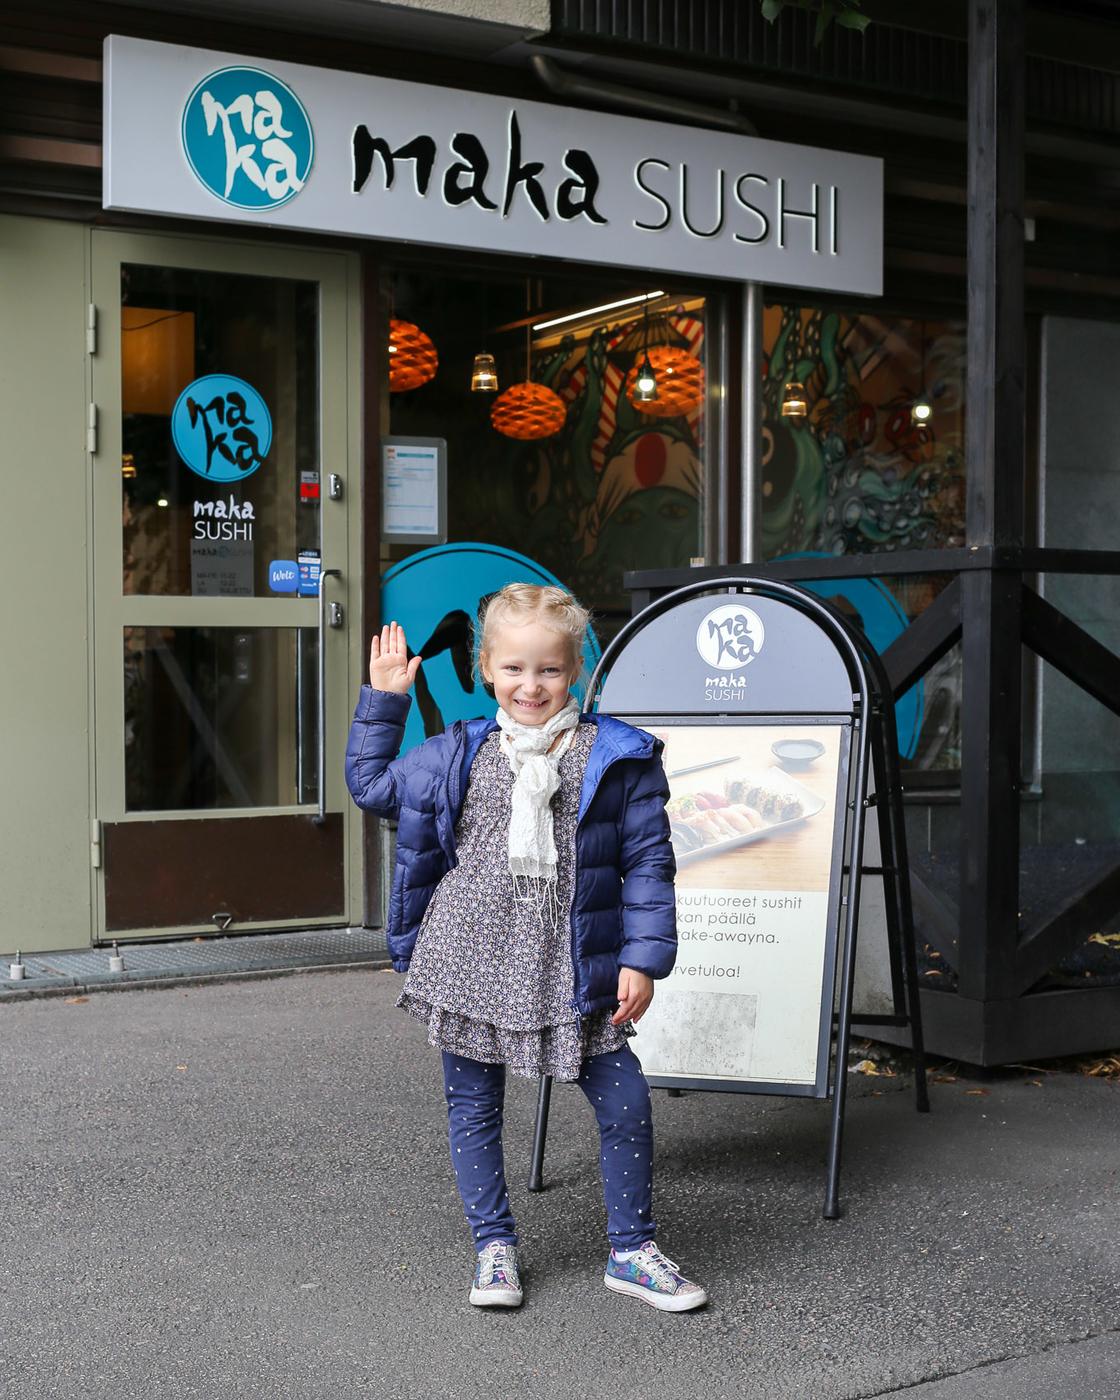 Tampereen parasta sushia